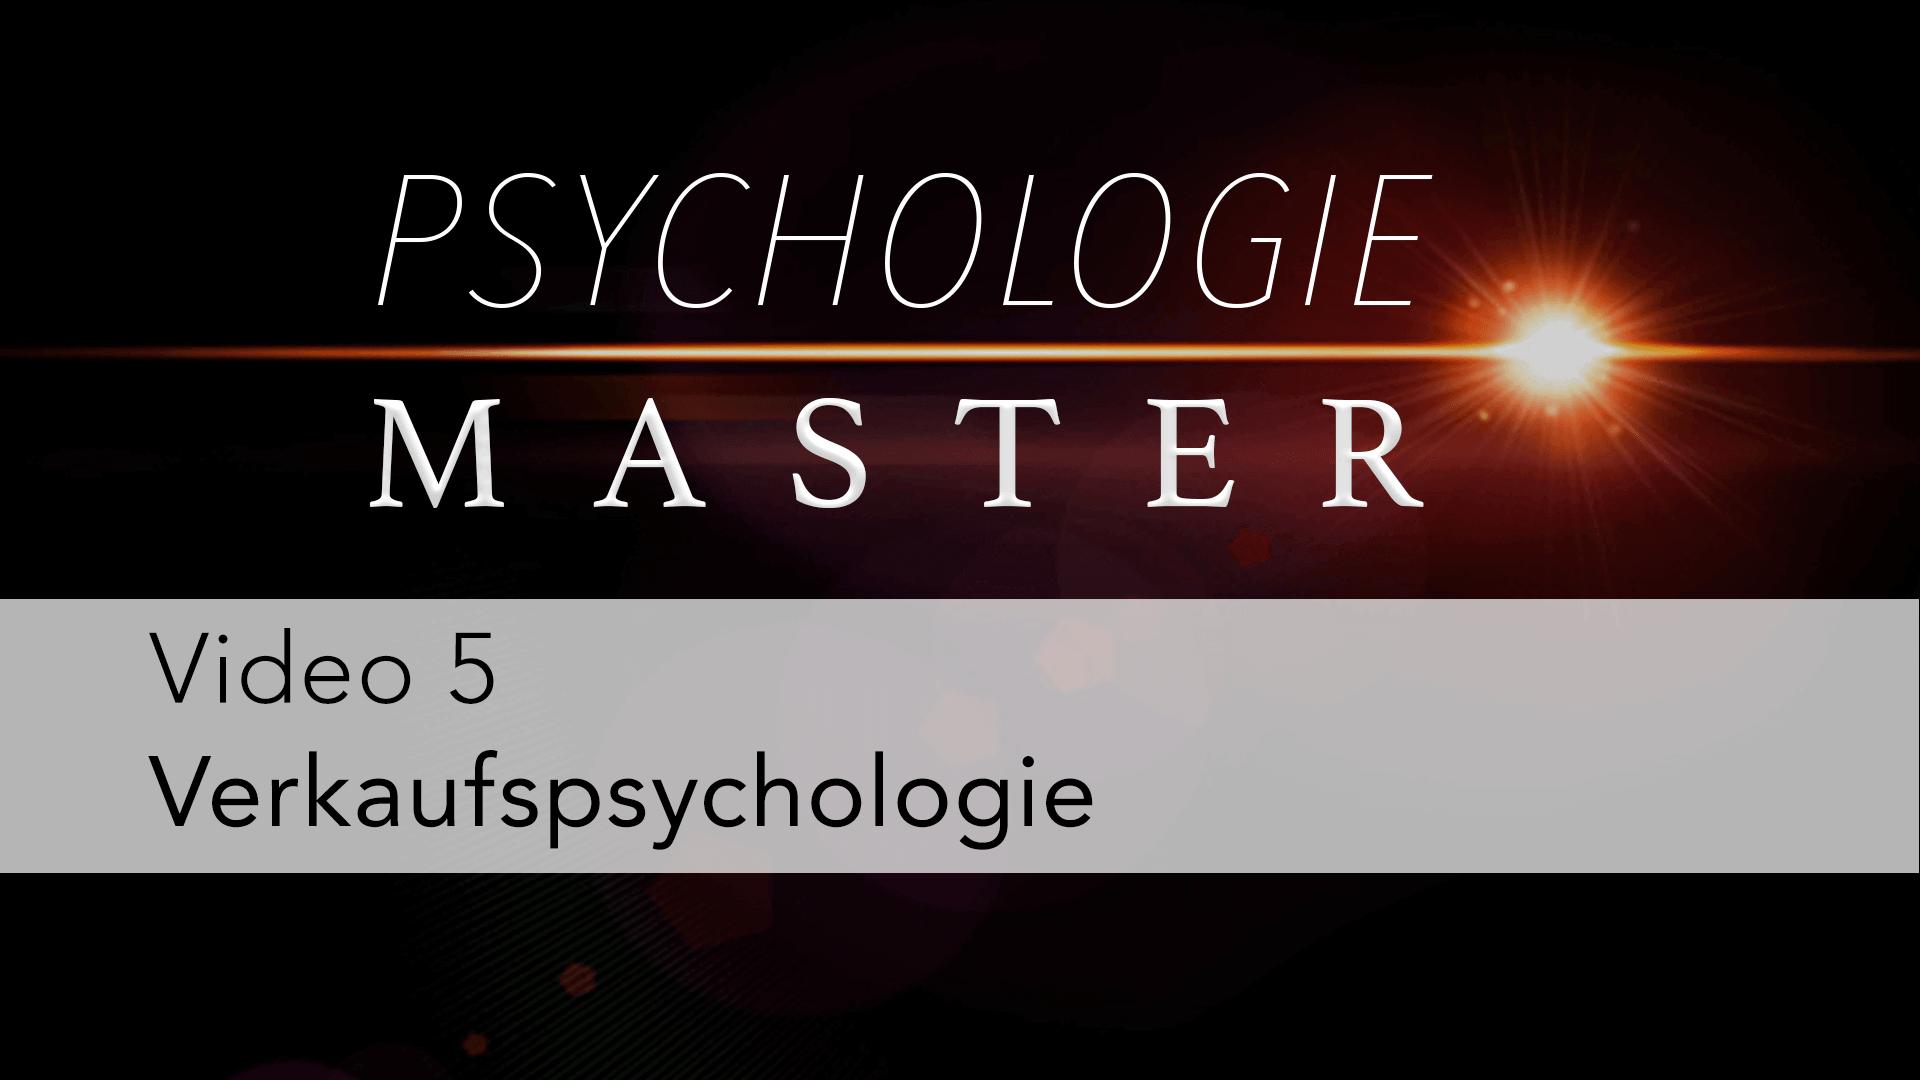 Psychologiemaster von Maxim Mankevich 11